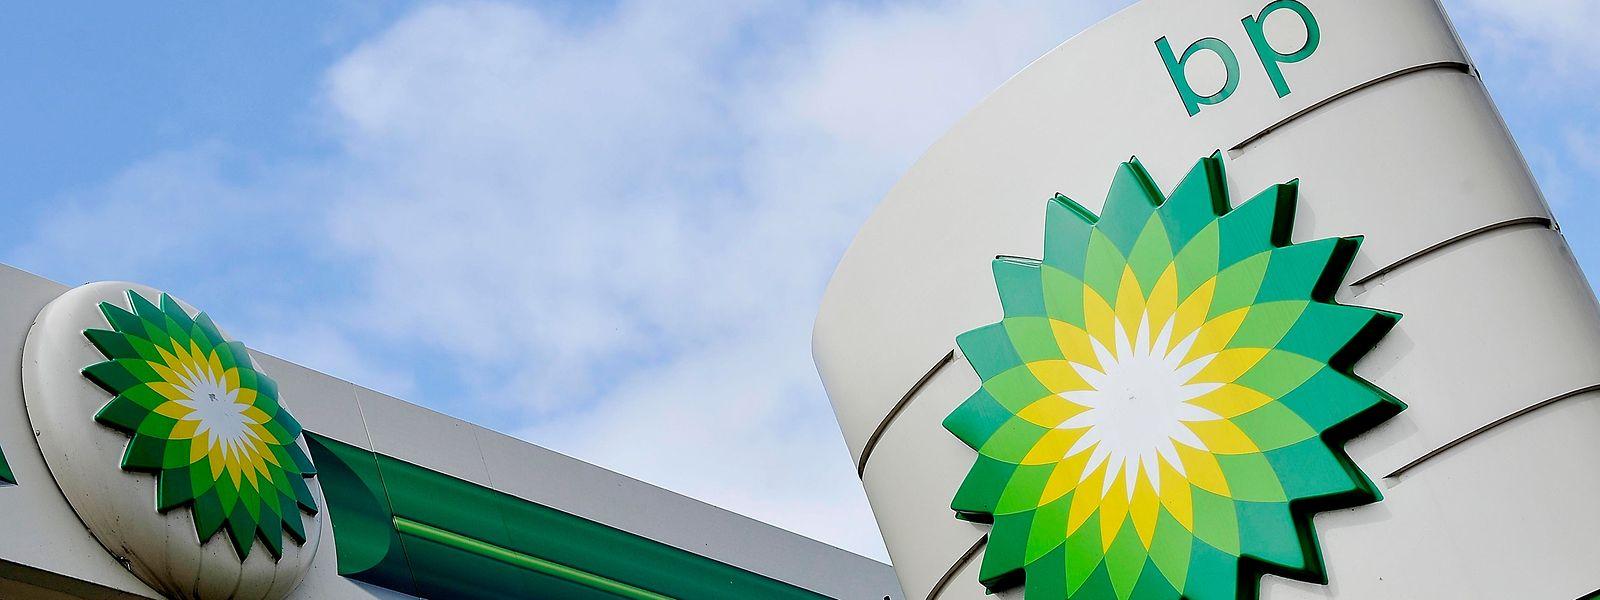 Eine Tankstelle des britischen Ölkonzerns BP.